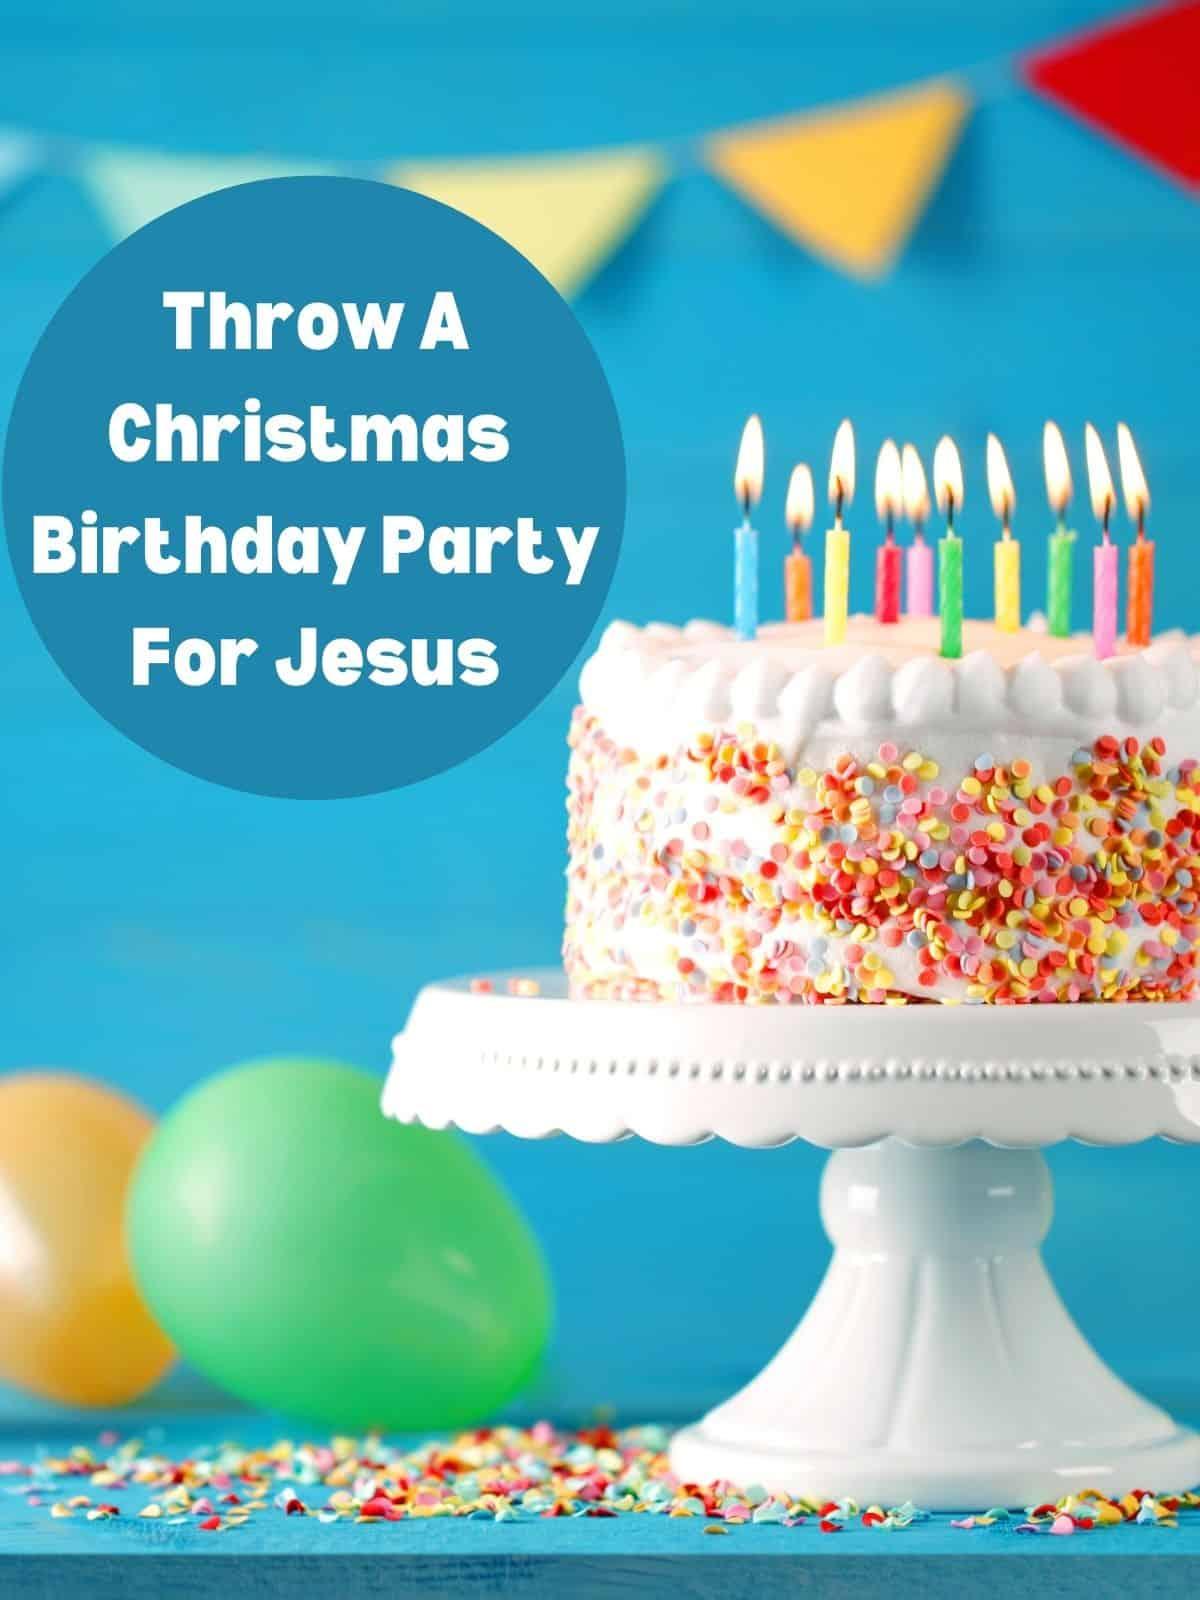 birthday cake for jesus' birthday